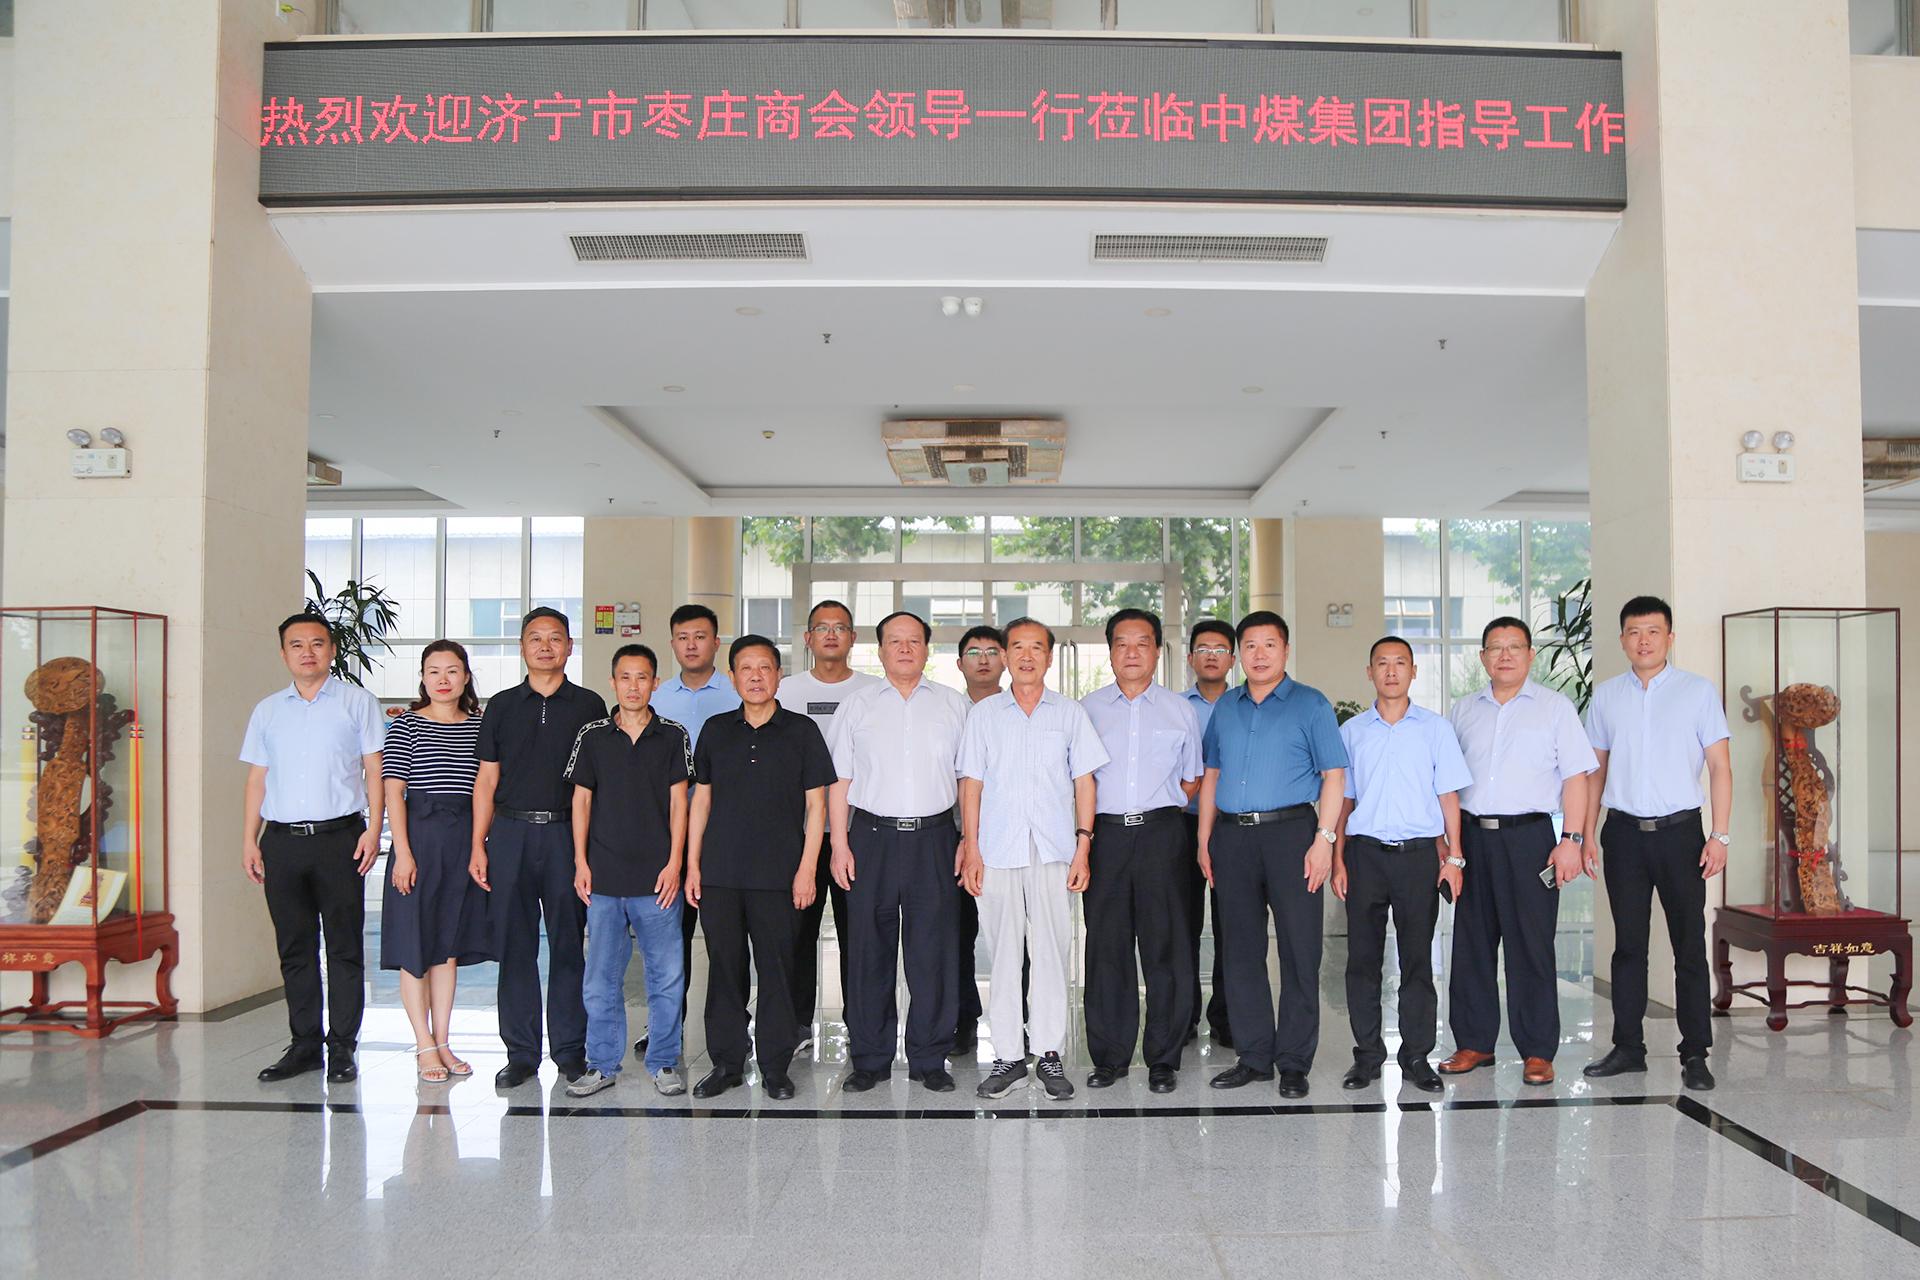 热烈欢迎济宁市枣庄商会领导一行莅临中煤集团参观指导